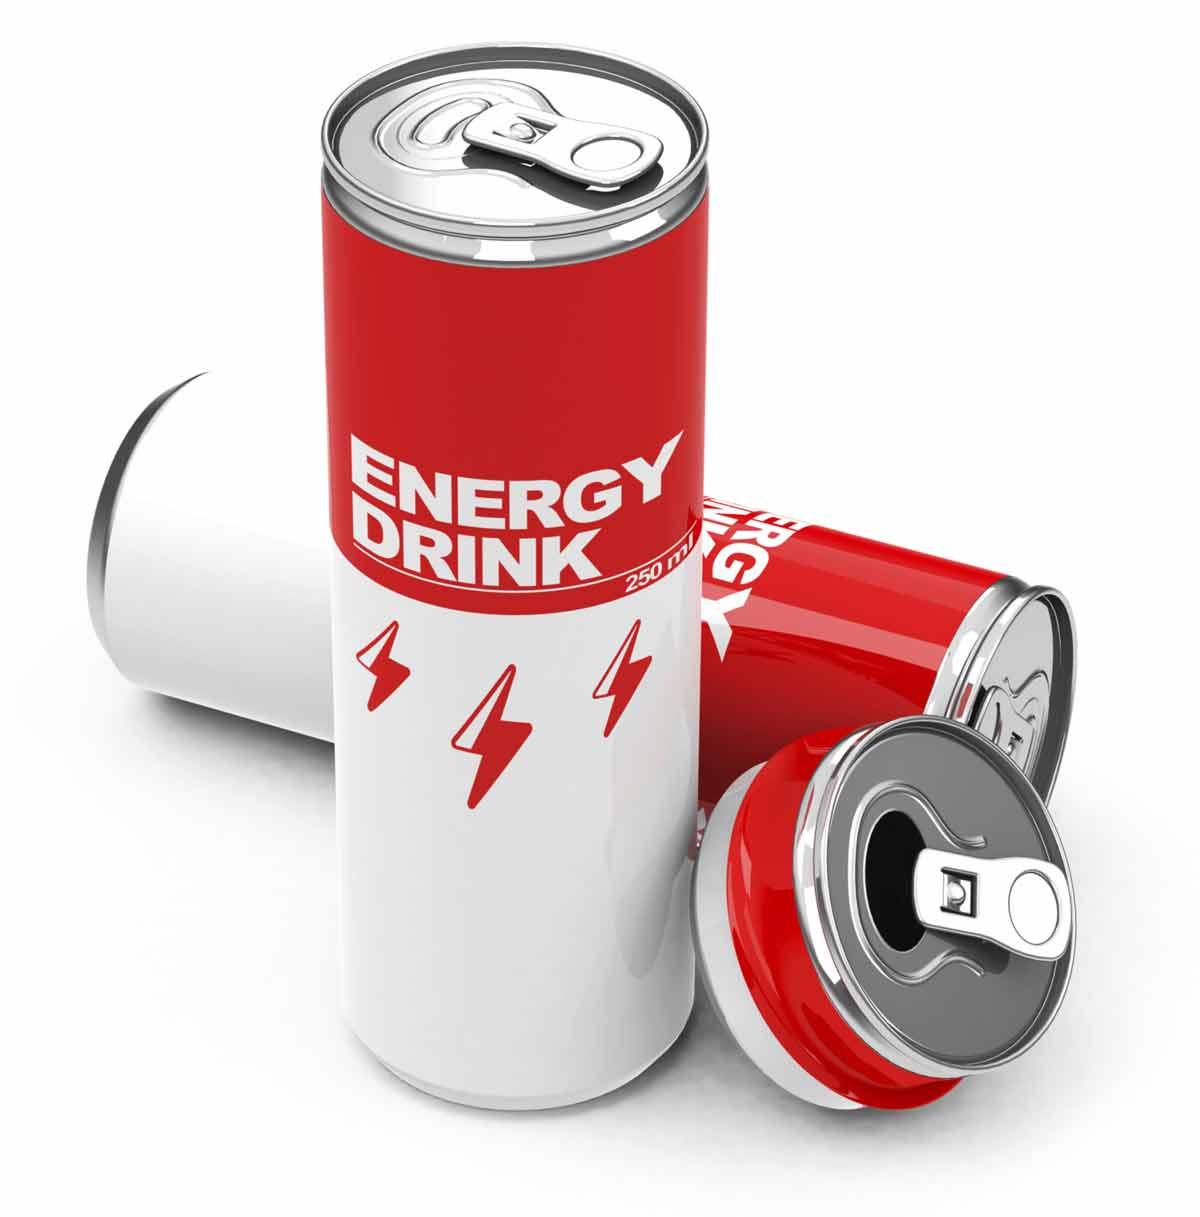 Enerji İçeceklerinin İçeriği ve Zararları Nedir